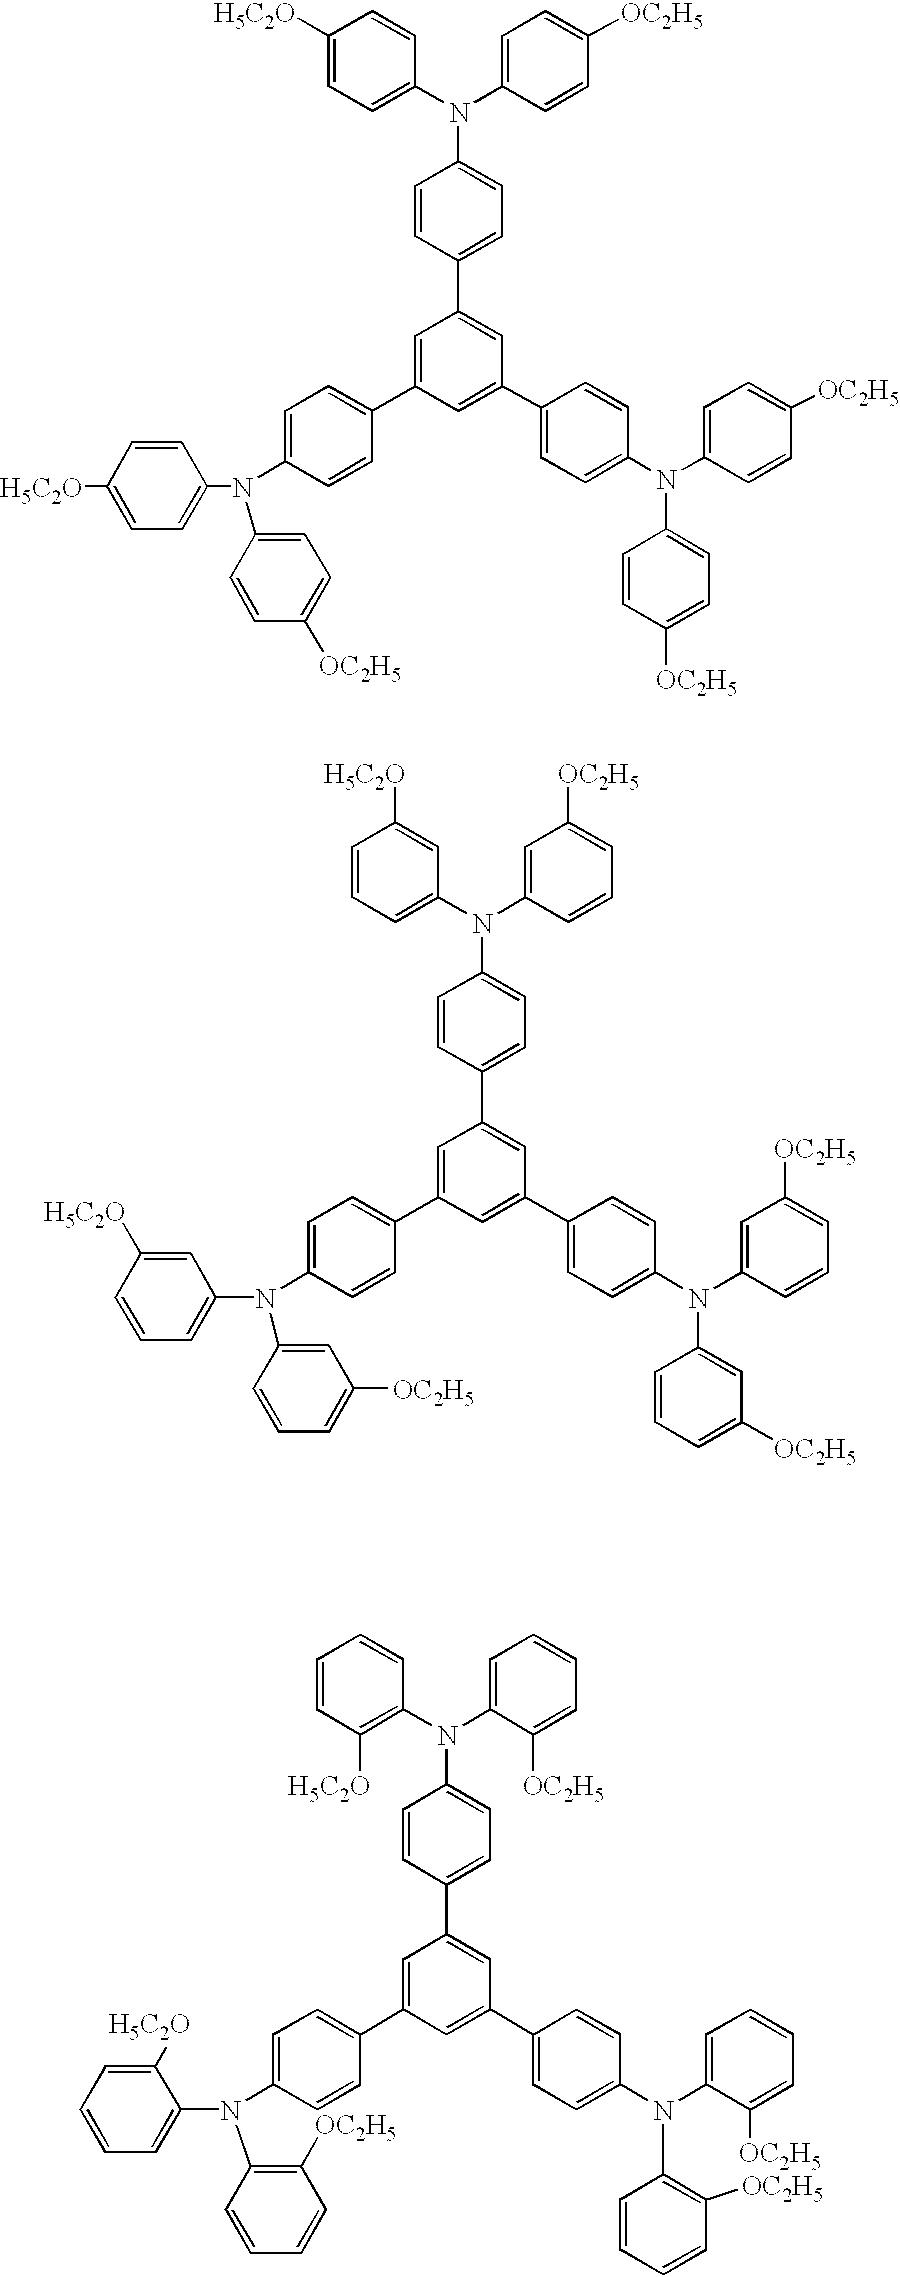 Figure US06541128-20030401-C00008